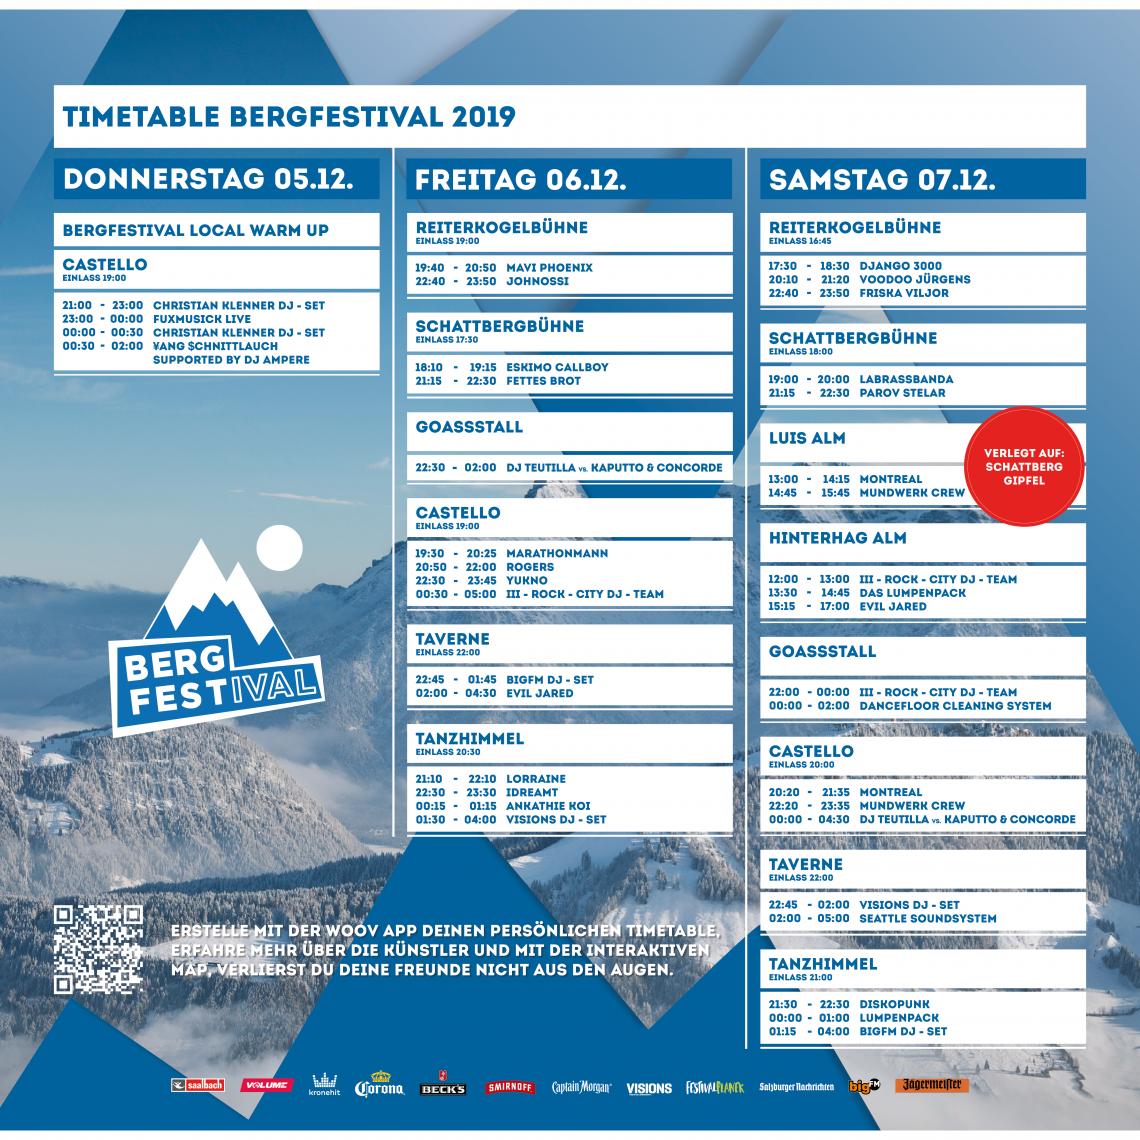 191203_BF_VideoWall_Timetable_Gipfel